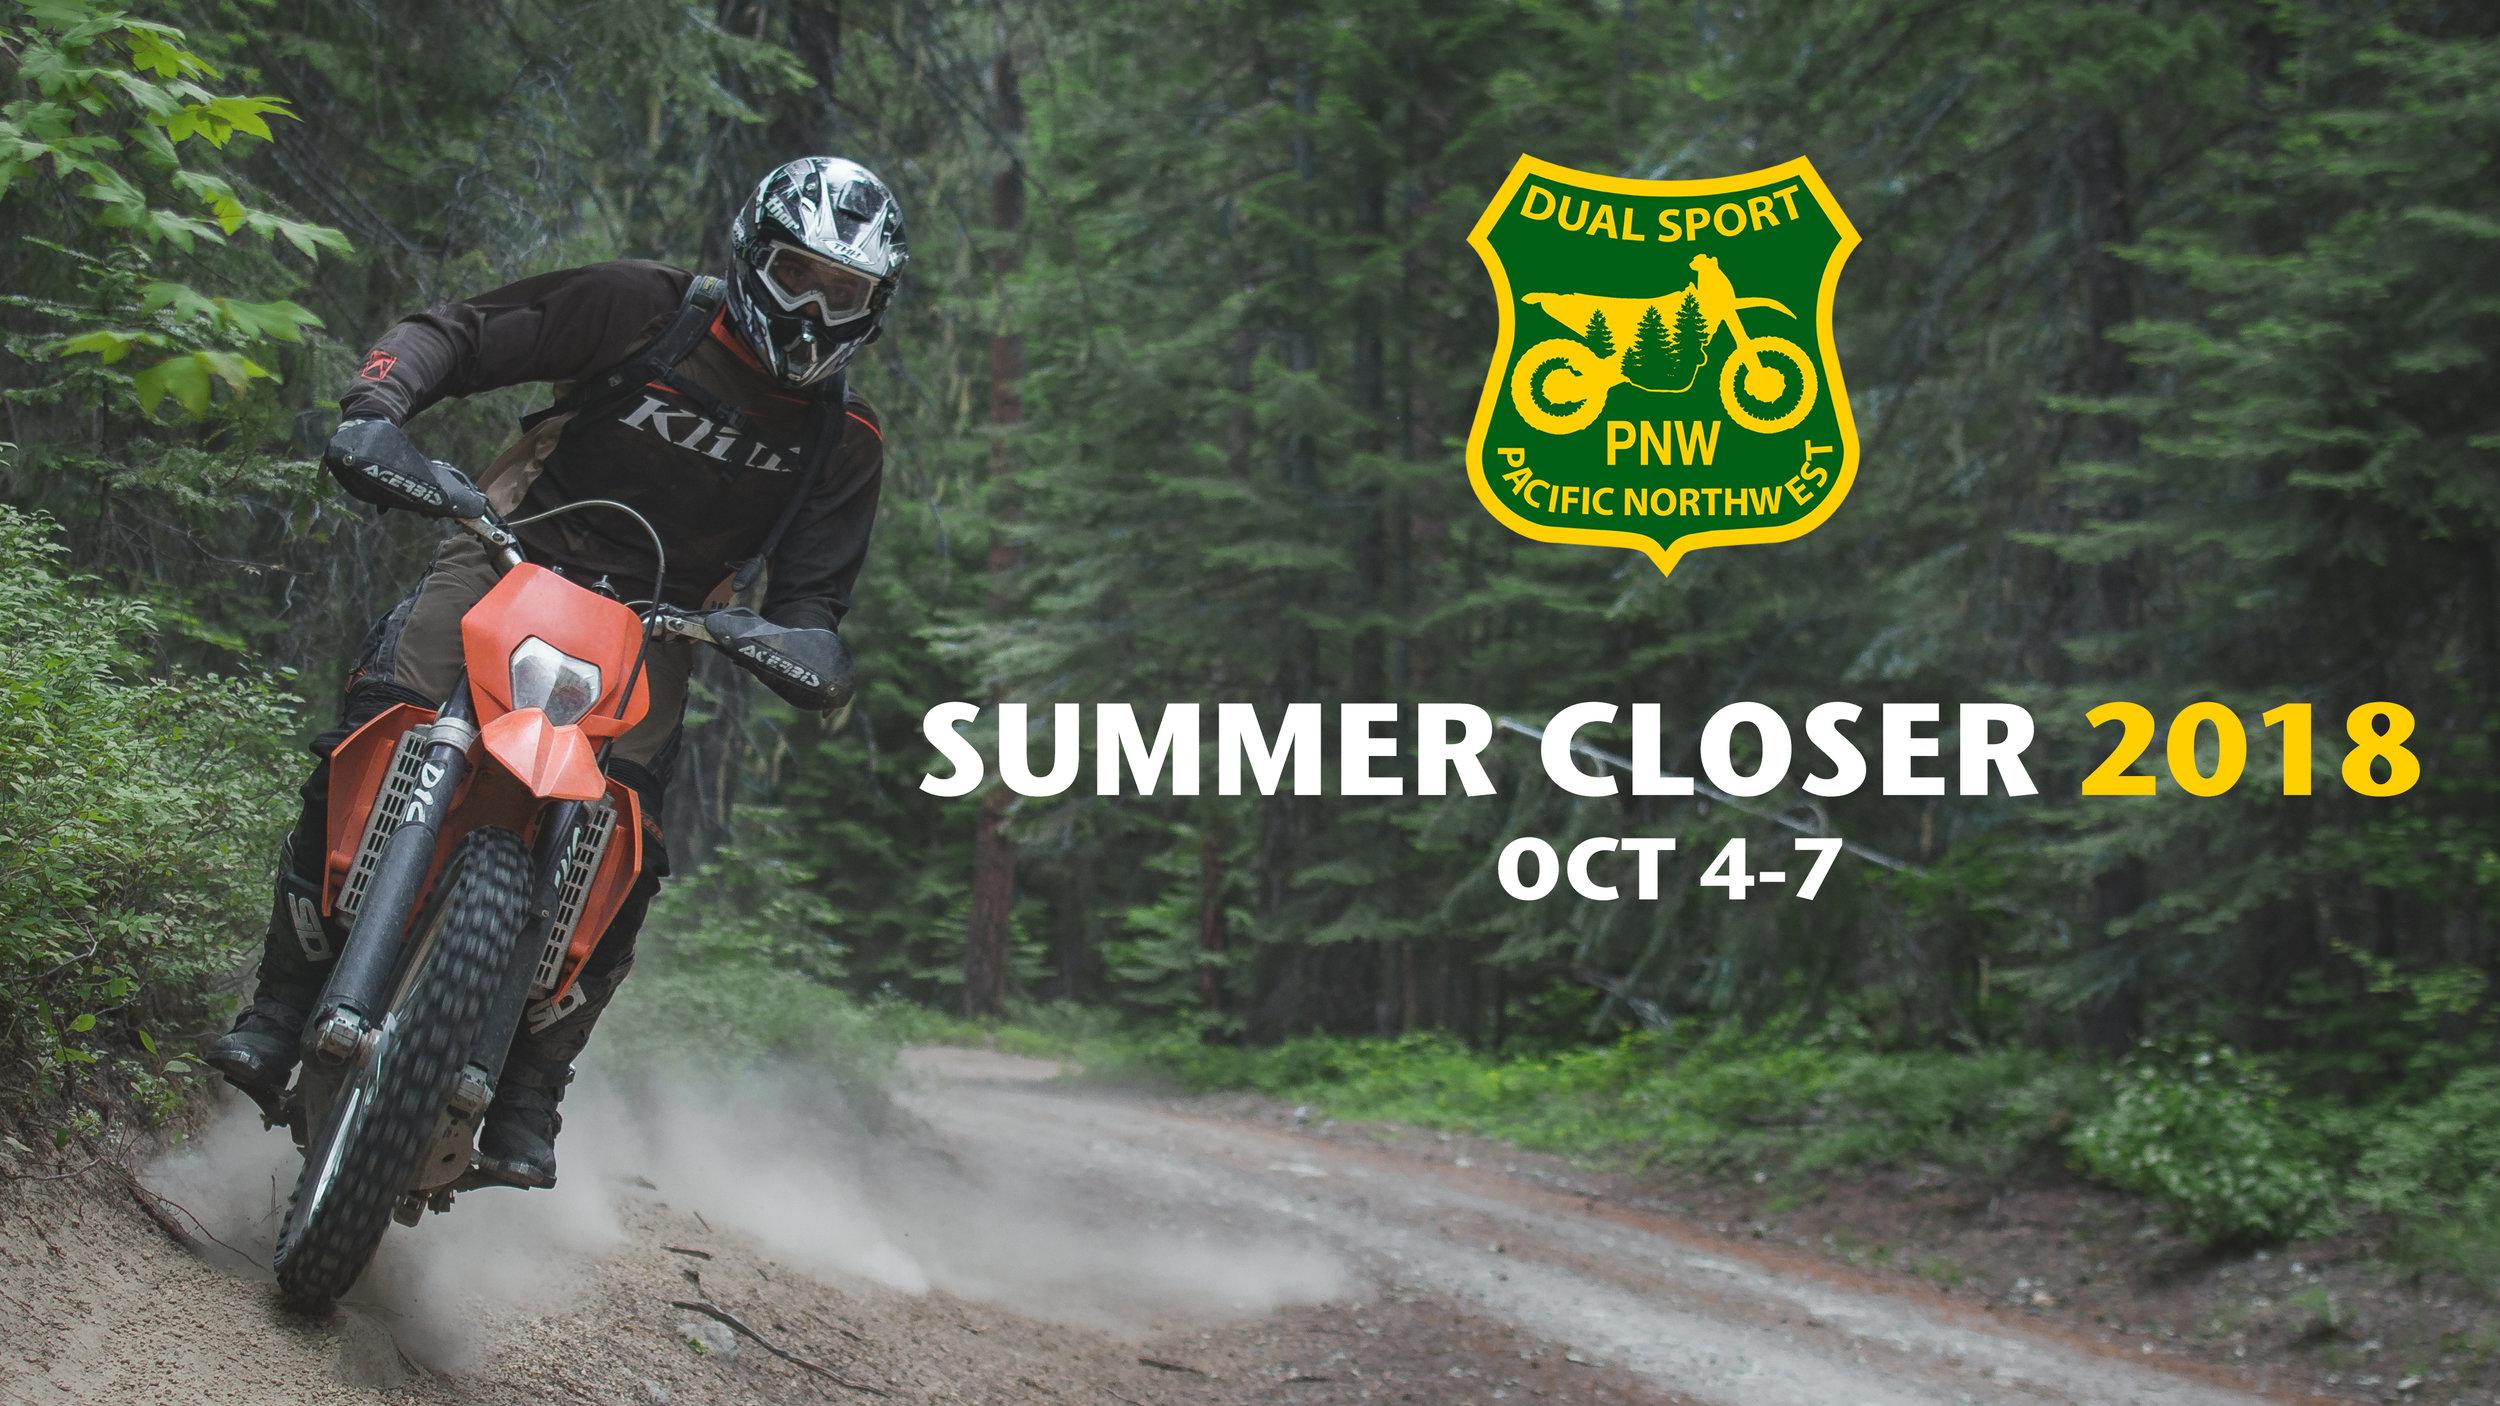 summer closer 2018 banner.jpg